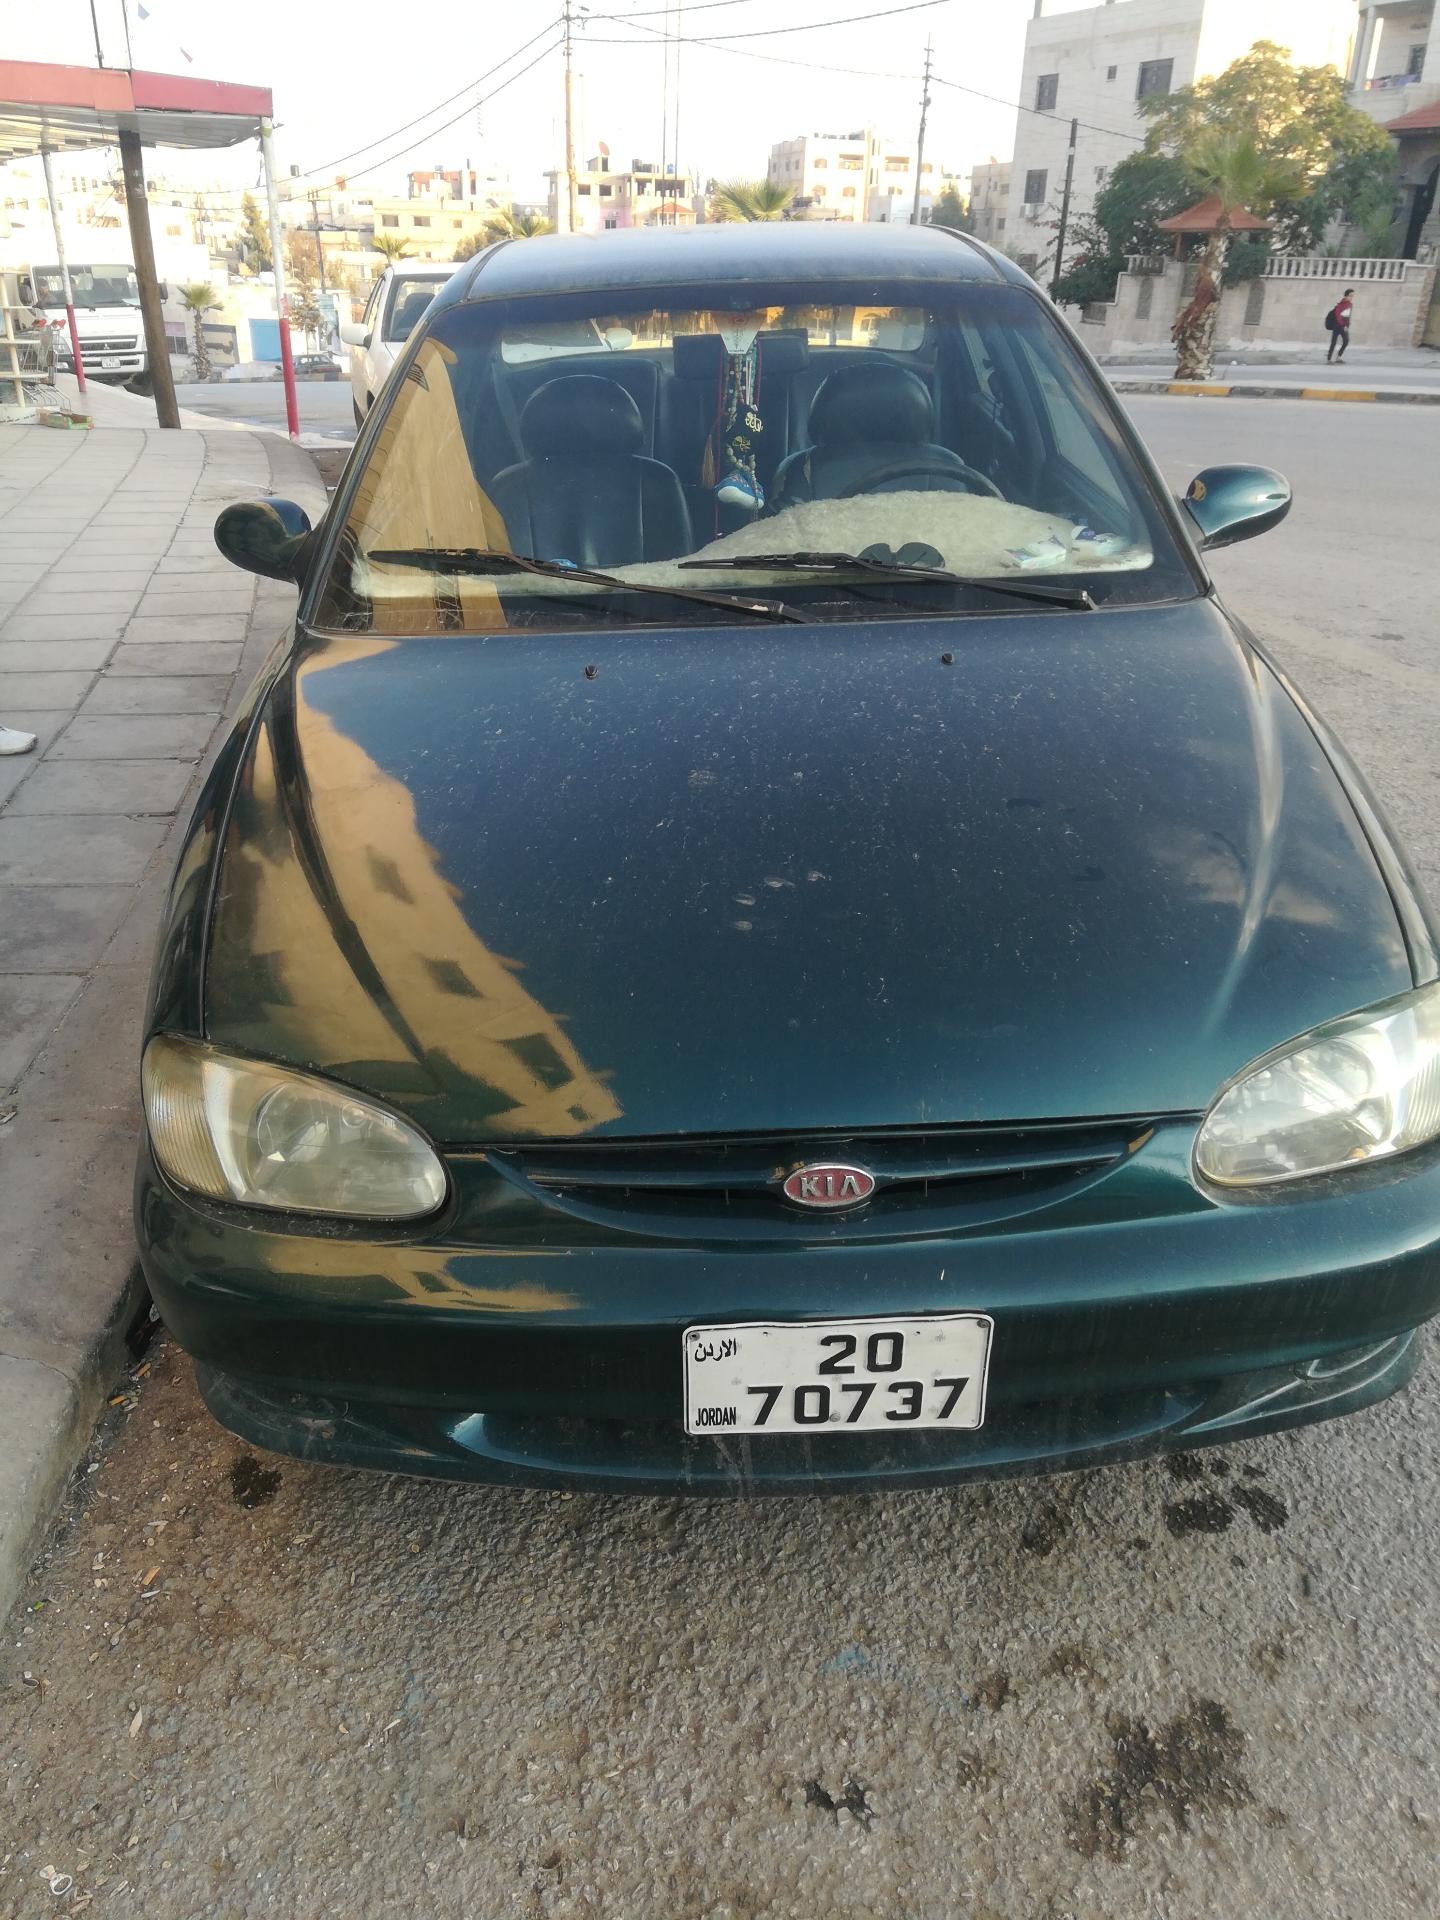 for sale Dodge Charger 2012-  السياره استعمال شخصي كيا...